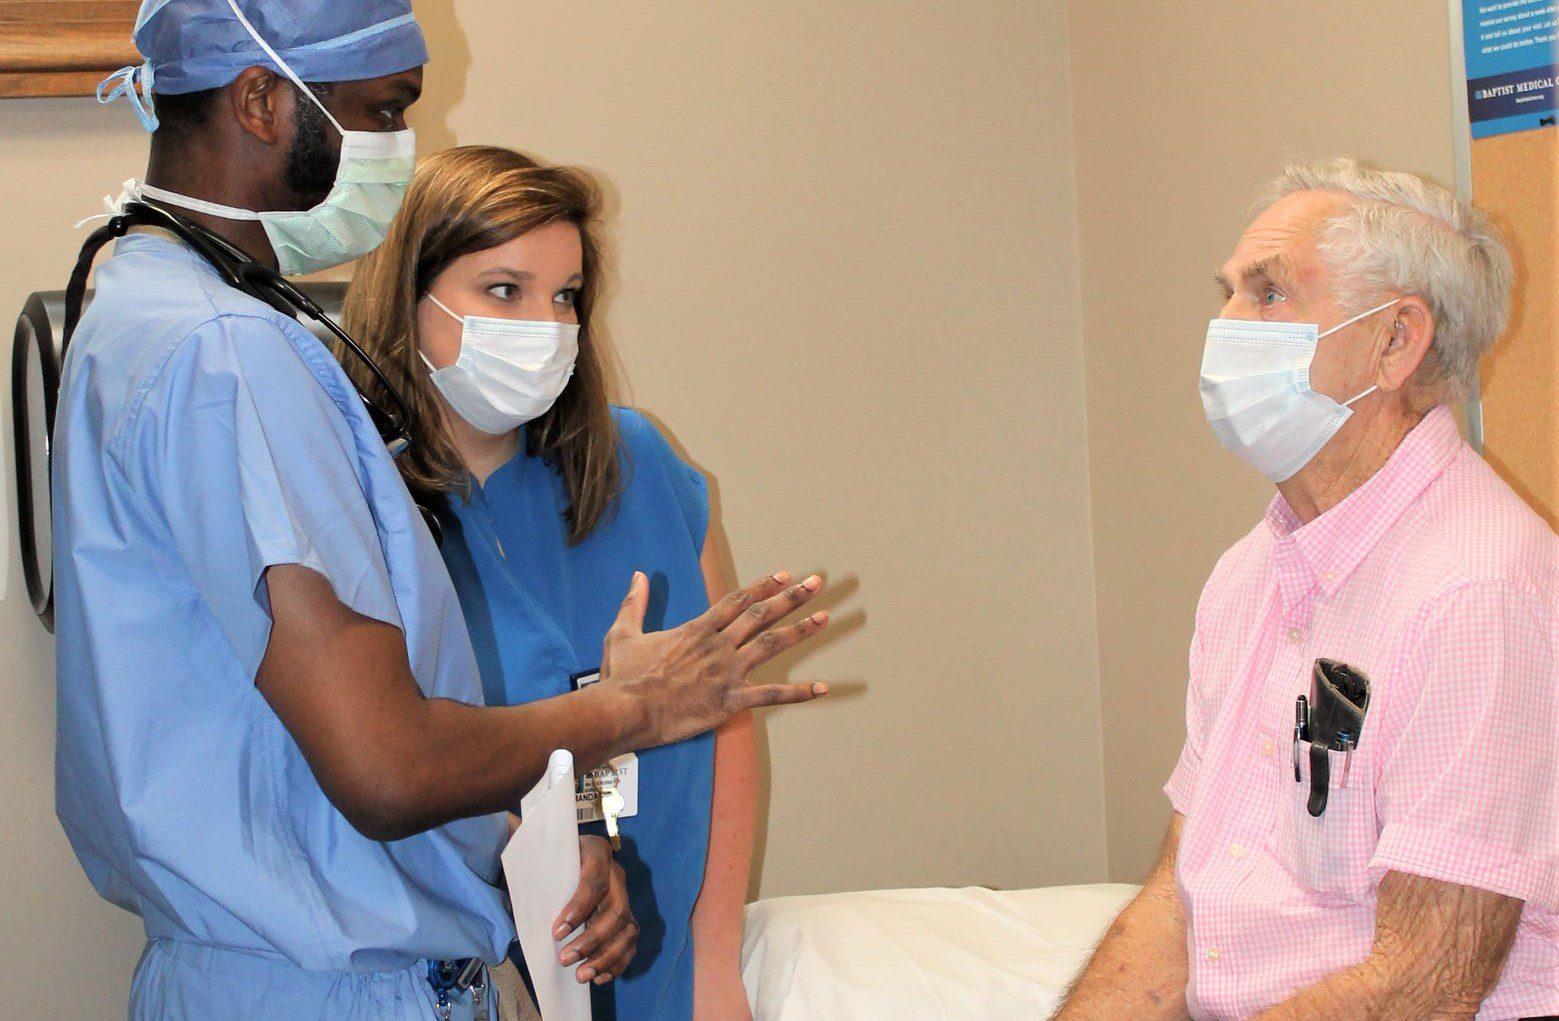 Dr. Eric McClendon and Amanda Edwards